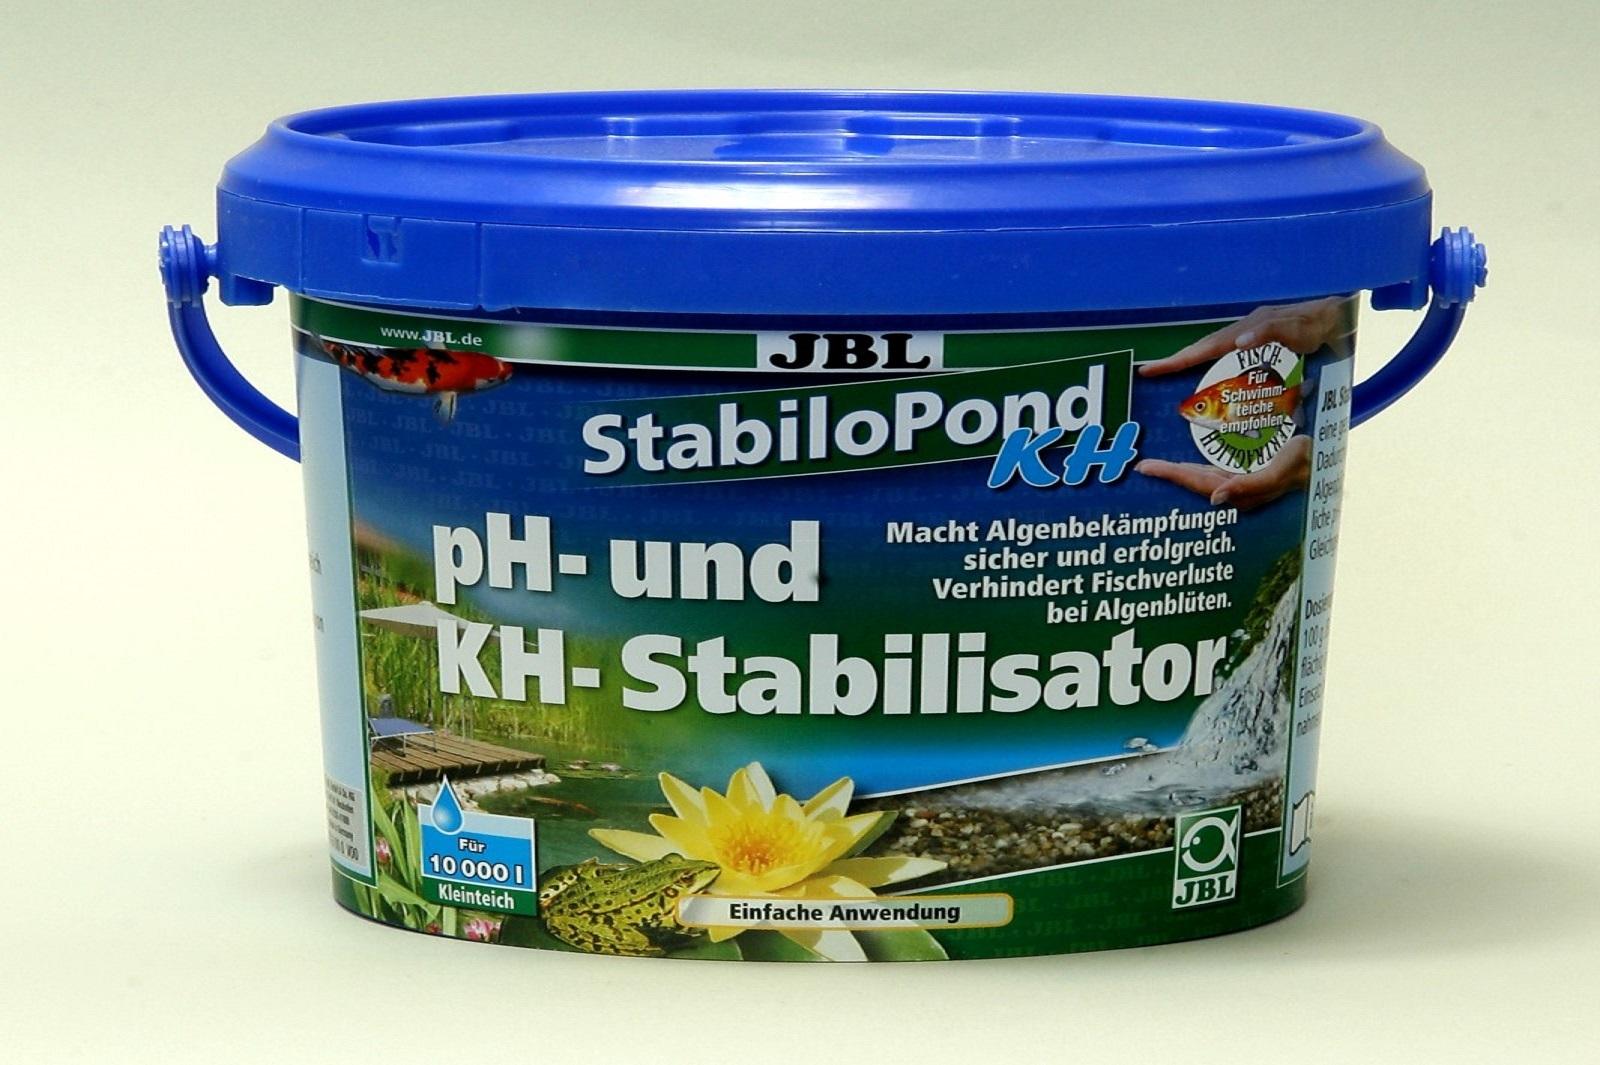 JBL StabiloPond KH 1 kg sichere Algenbekämpfung Stabilisator ph + KH